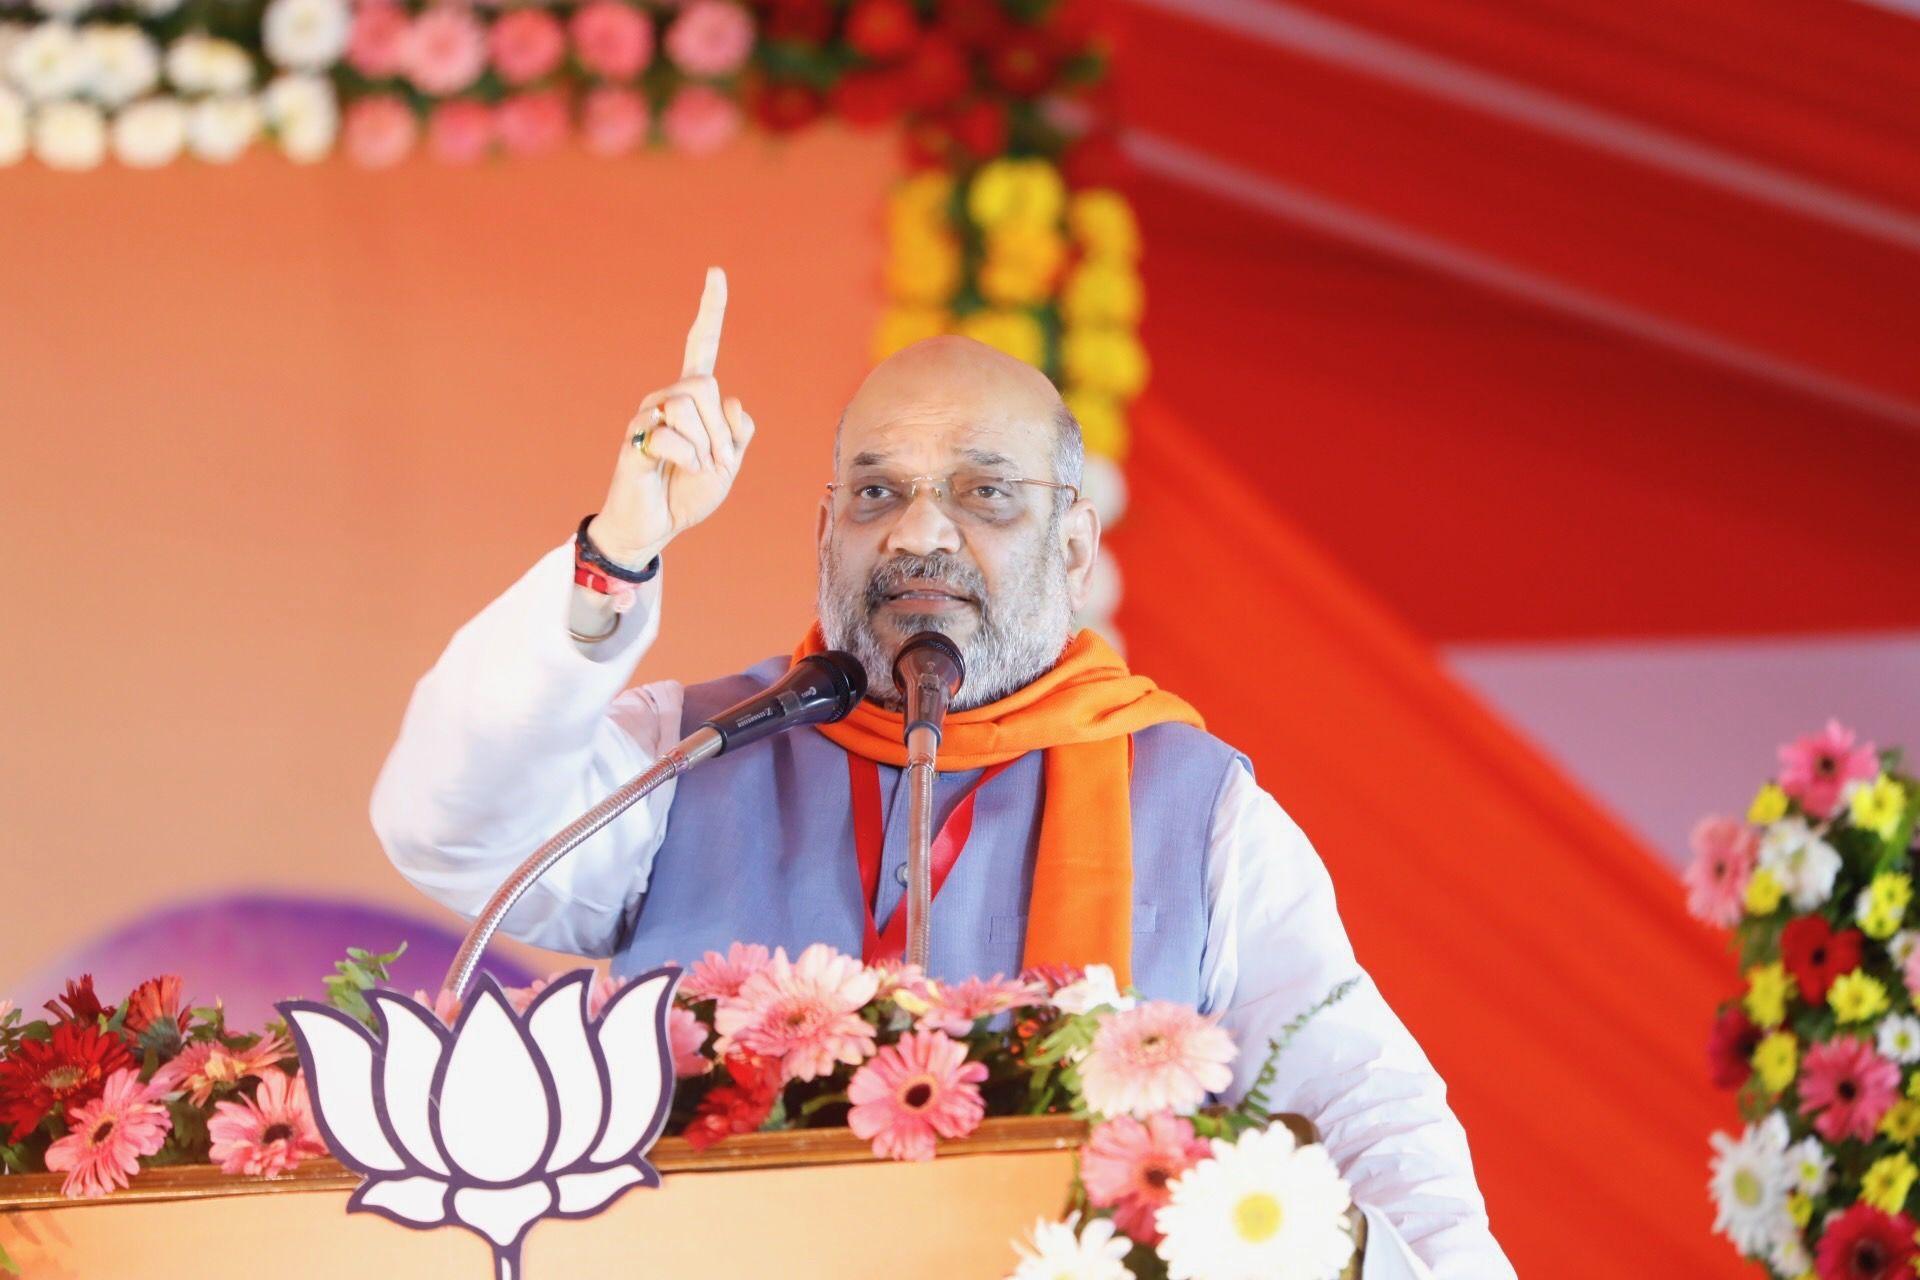 राहुल का काम झूंठ बोलना है जबकि मोदी जी काम लोंगों की भलाई और विकास की बात करना है - अमित शाह